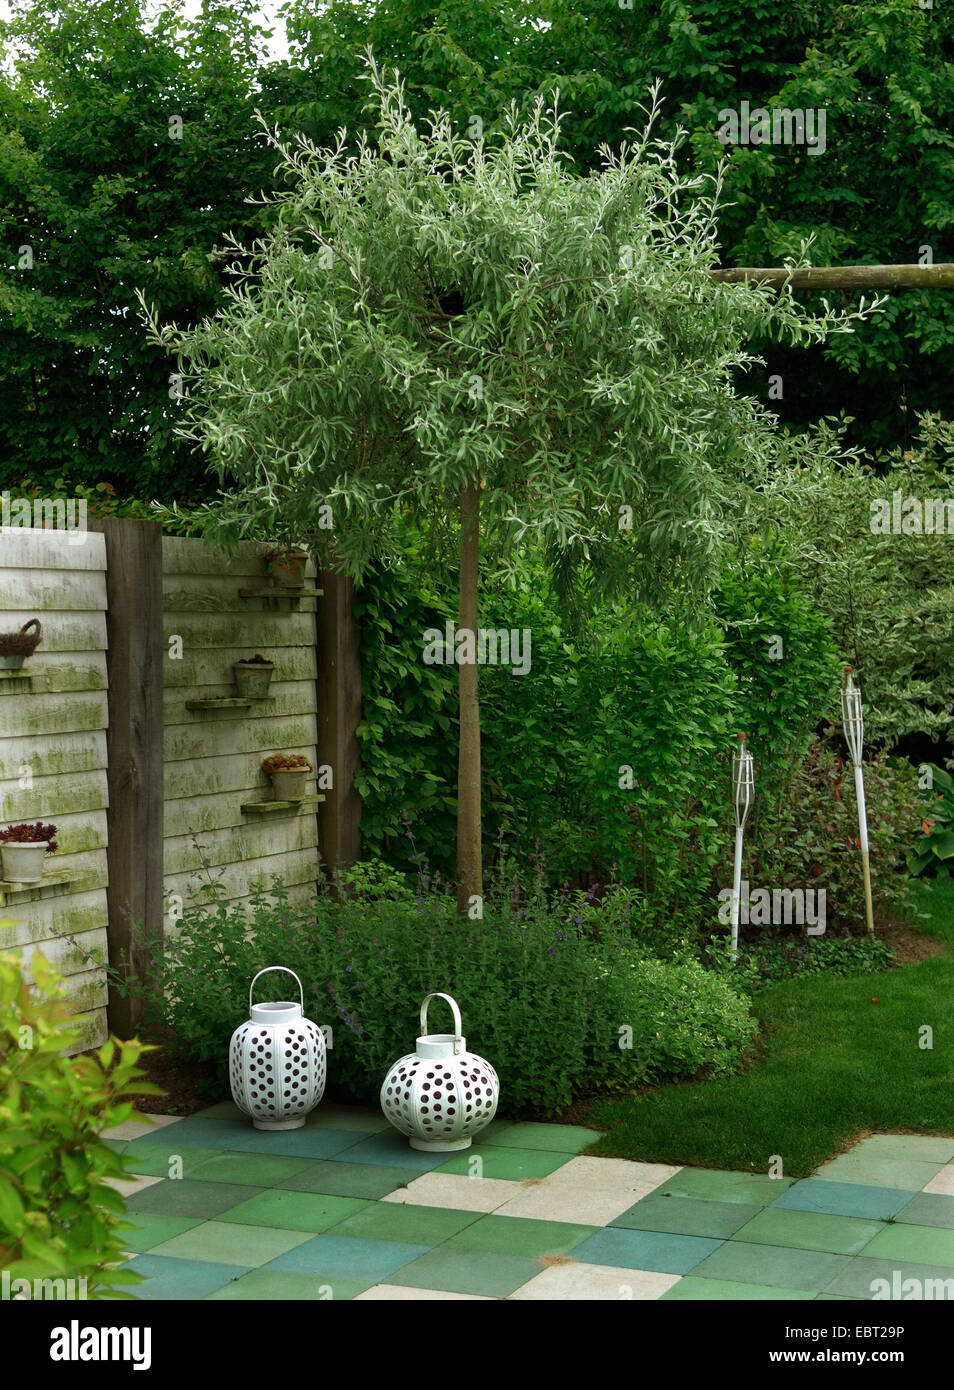 Fence Bushes Trees